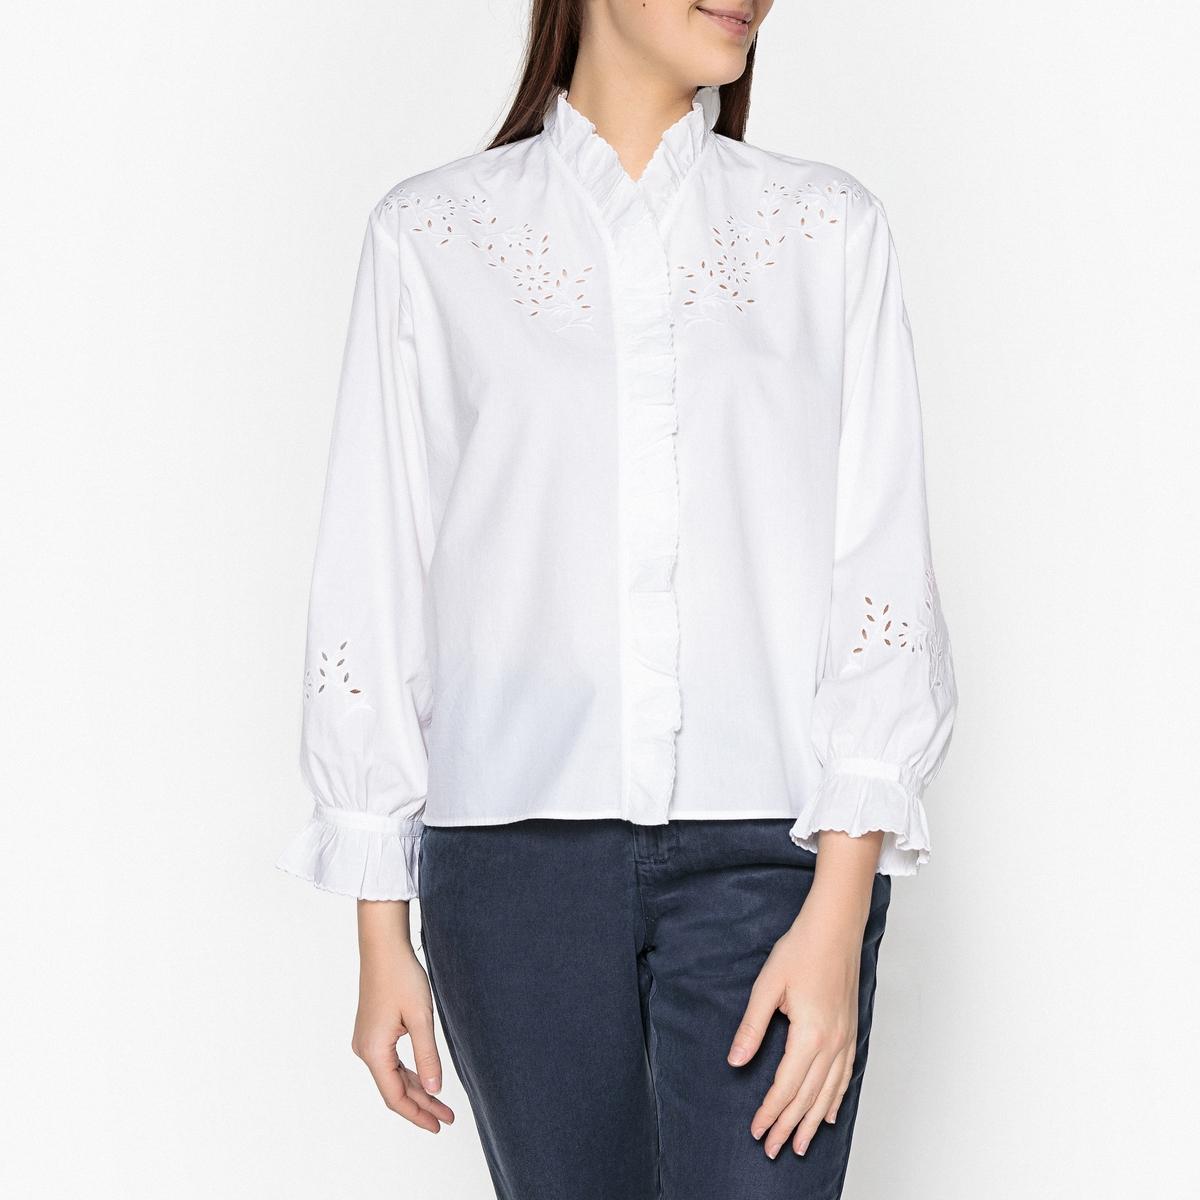 Рубашка с английской вышивкой и воланами DAISY цены